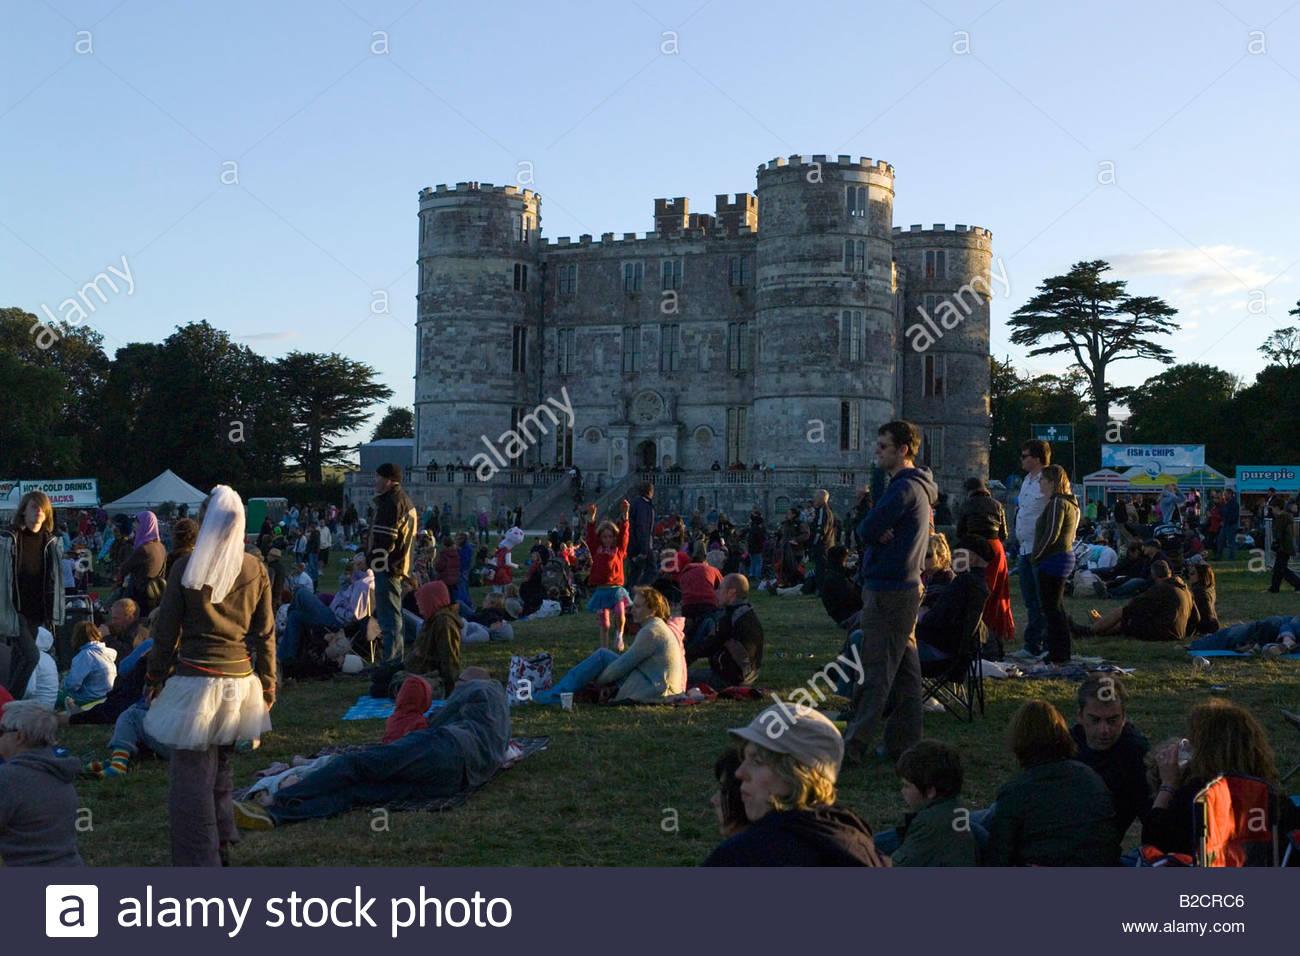 Concierto público y castillo en Camp Bestival, Lulworth Castle, Dorset Verano 2008 Imagen De Stock